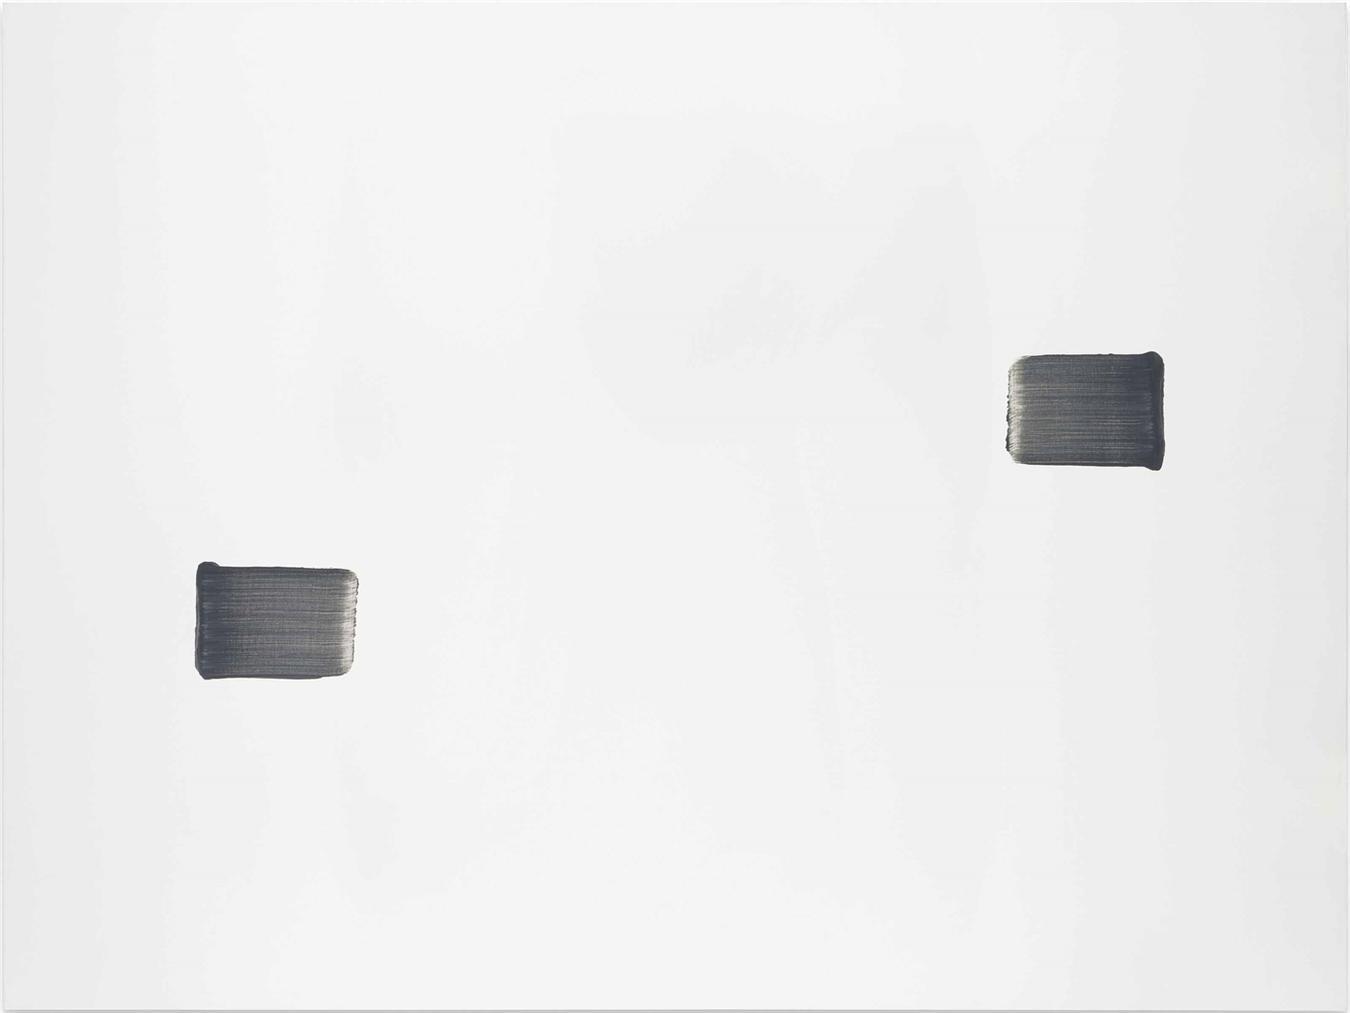 Lee Ufan-Correspondance-1994